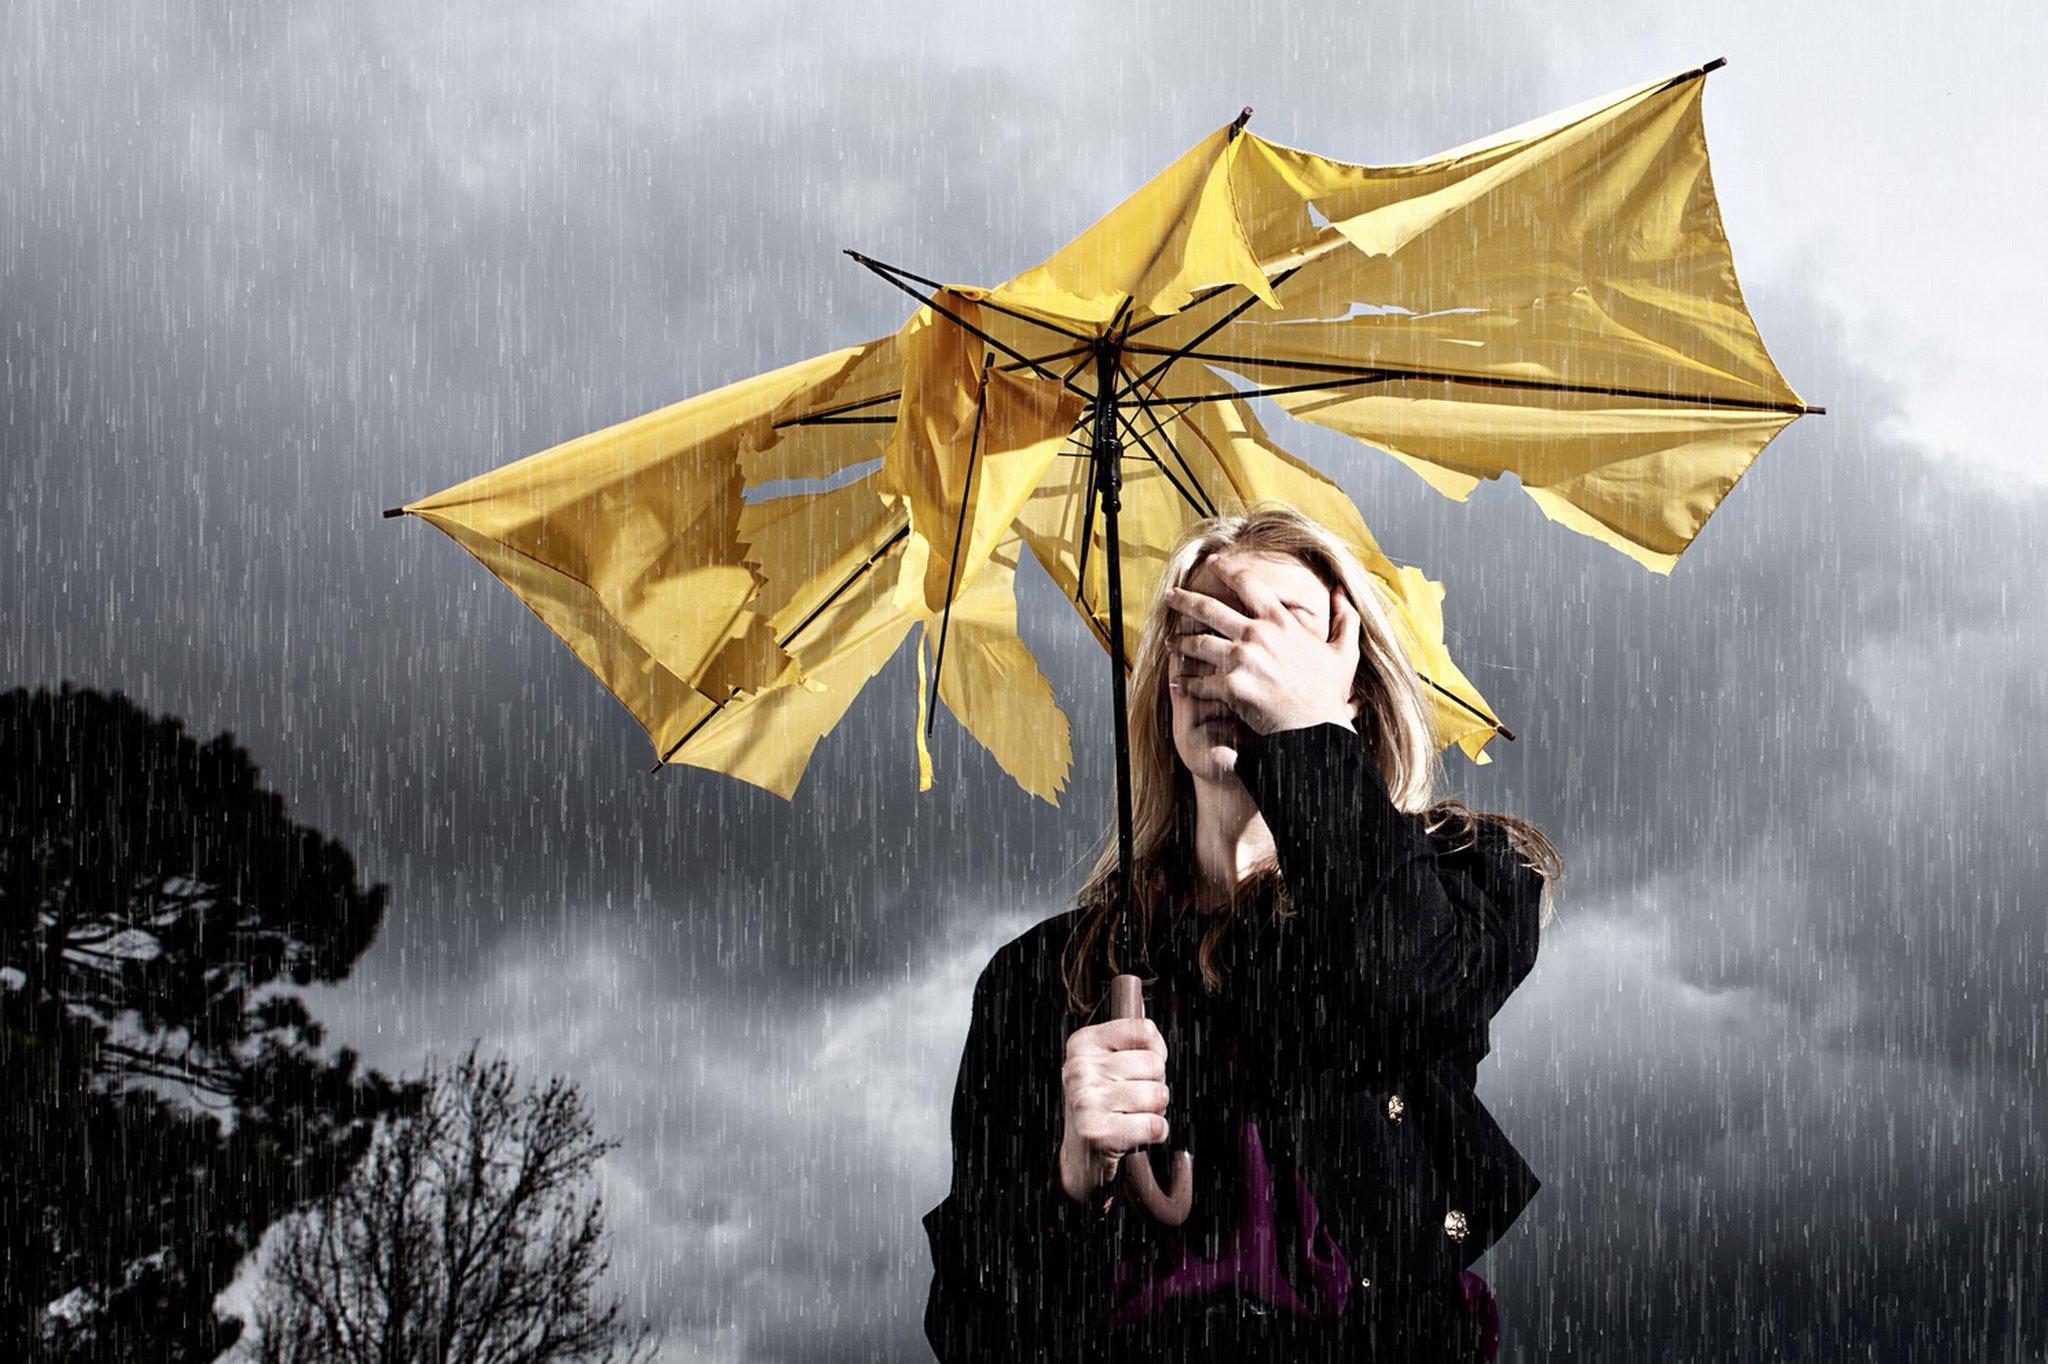 ниндзя картинки погоды с людьми видимо любит животных